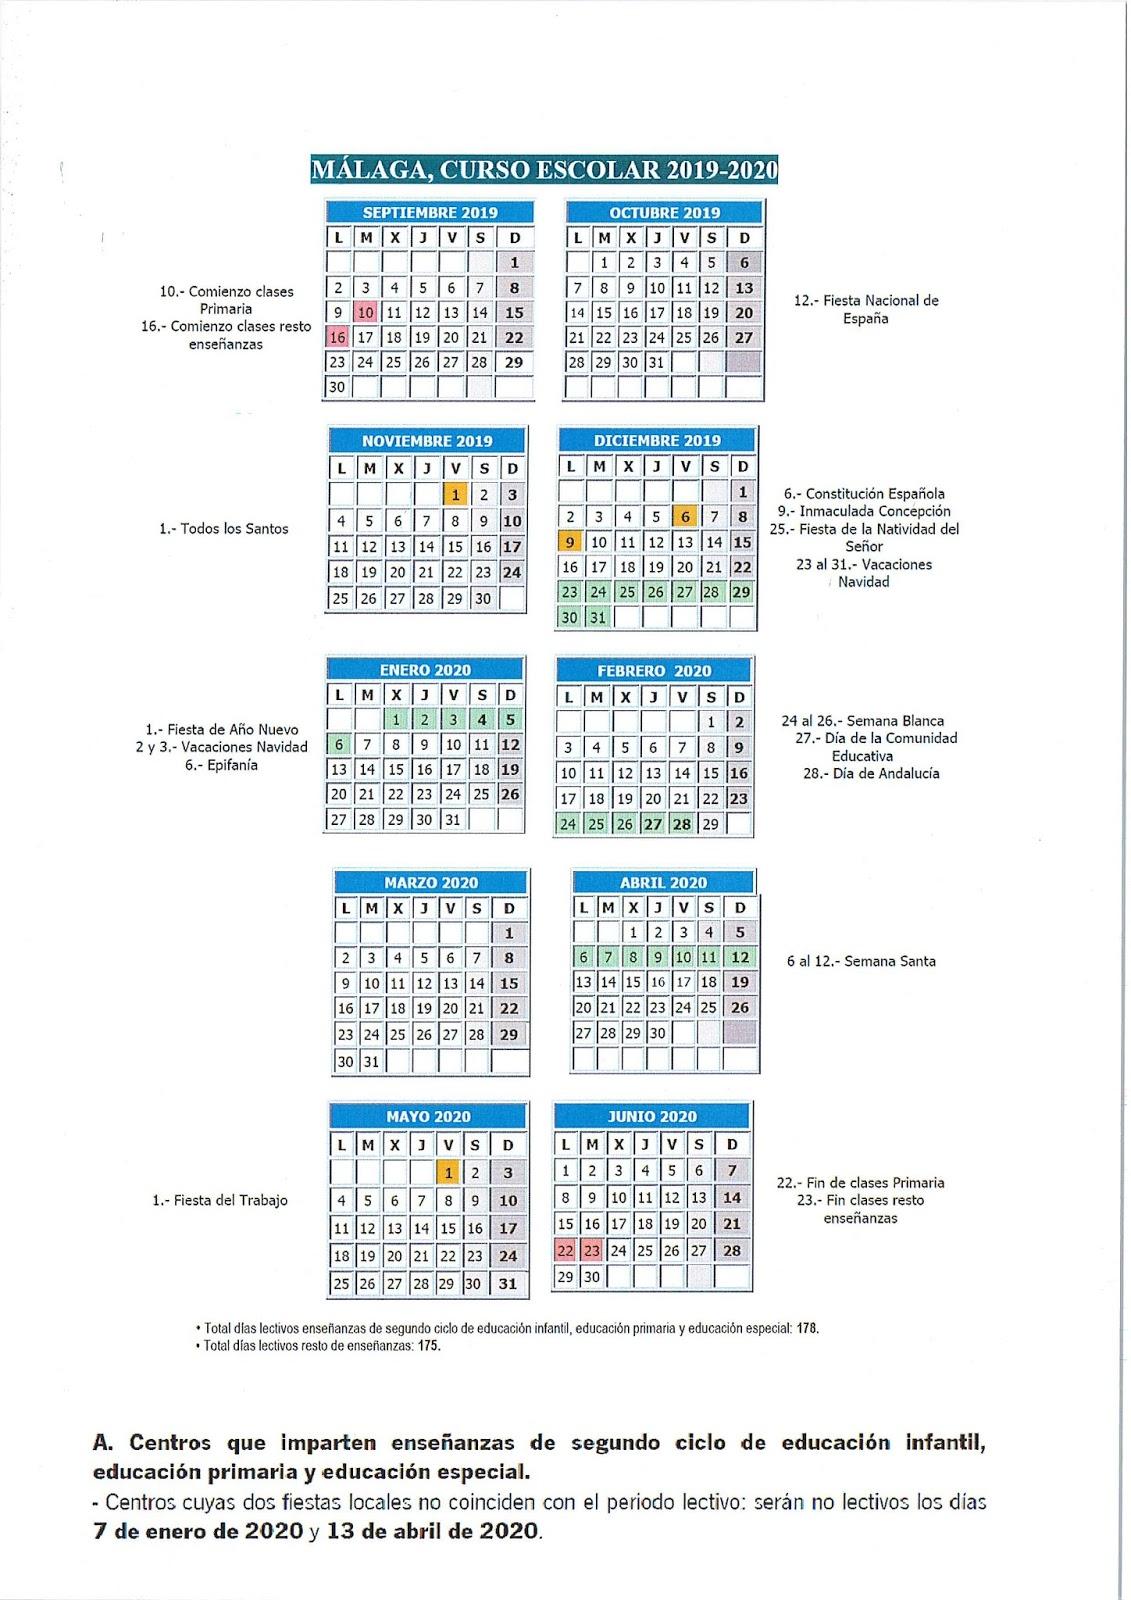 Calendario Festivo Espana 2020.Colegio Publico El Olmo Calendario Escolar 2019 2020